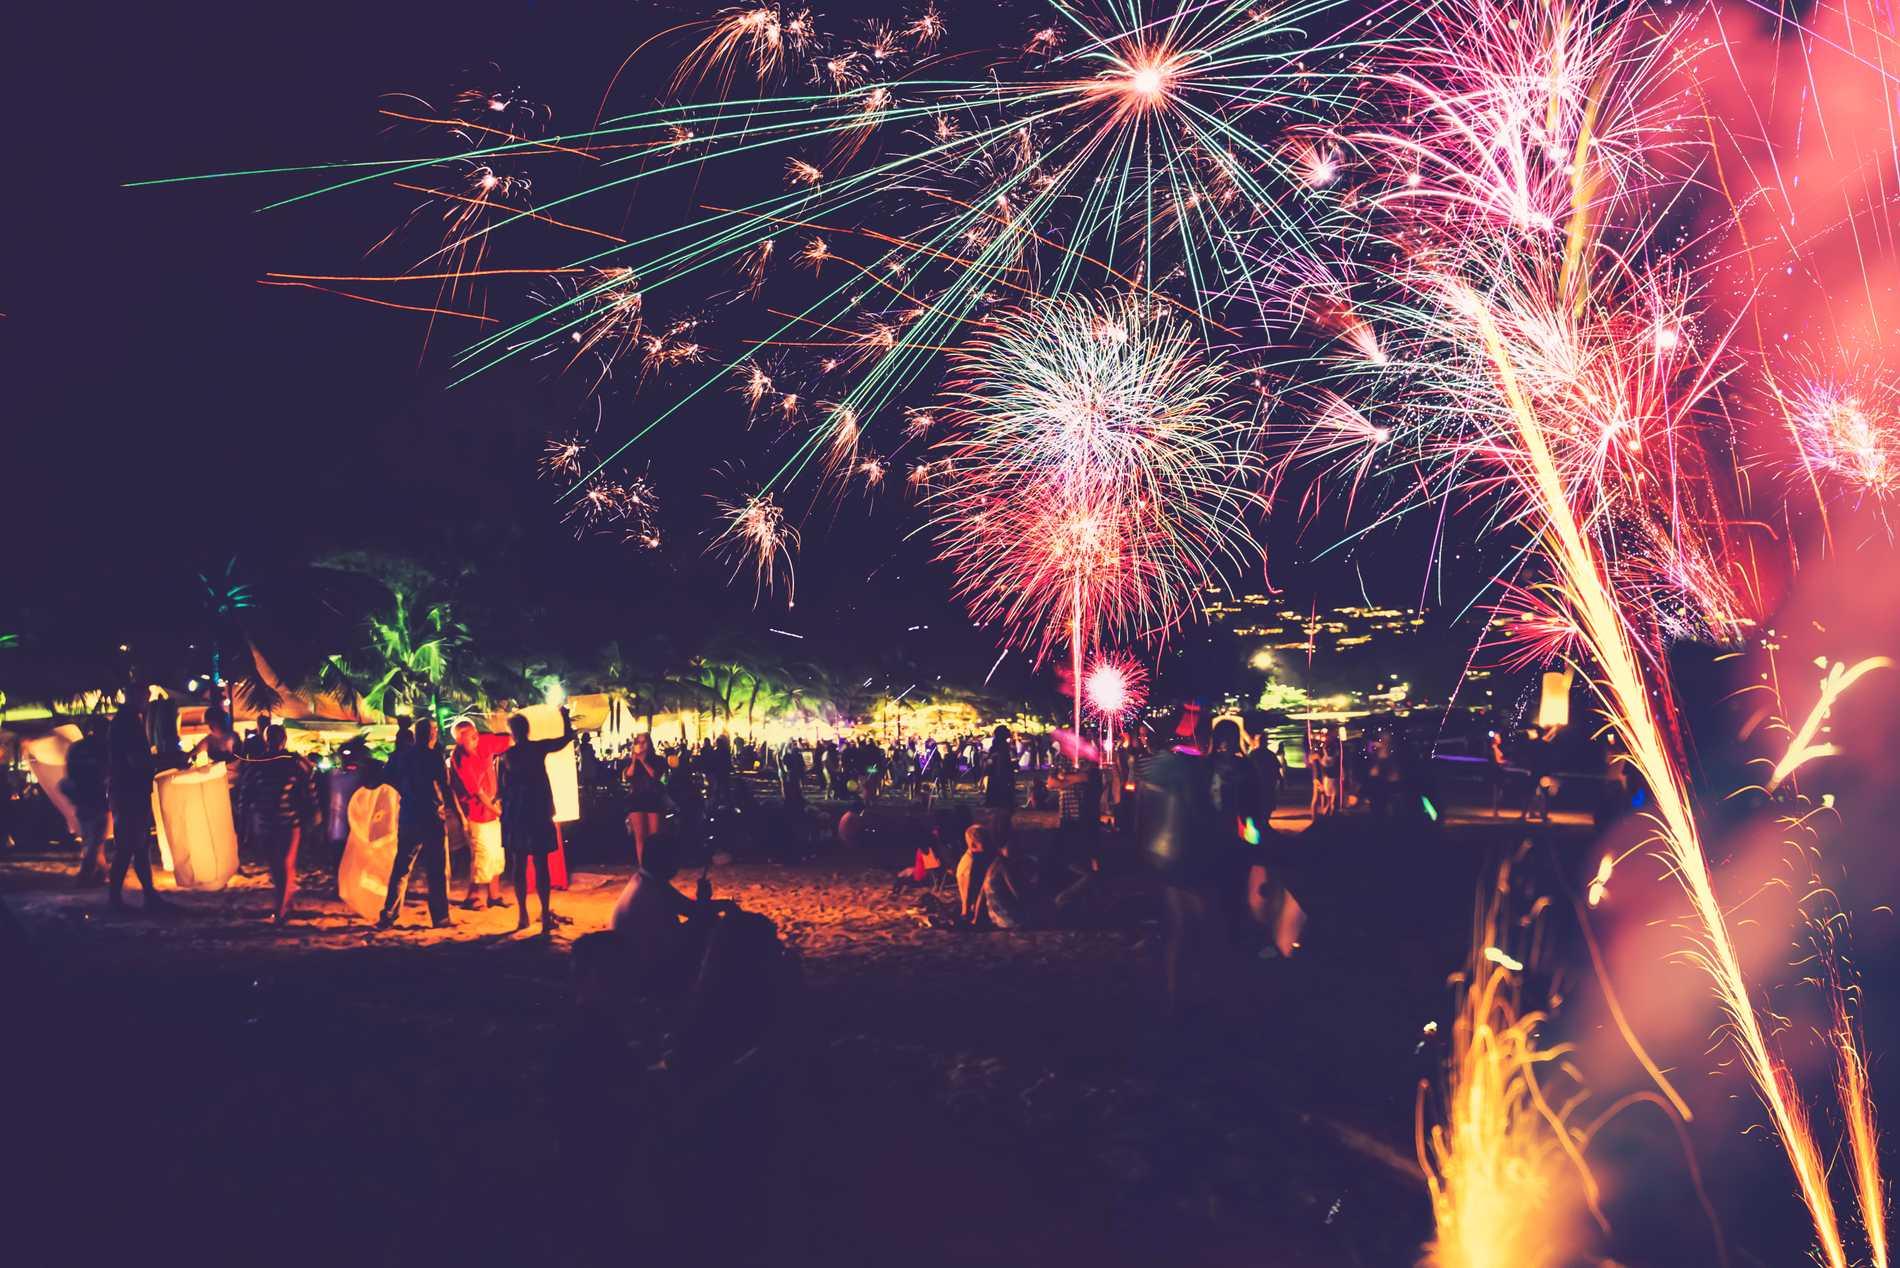 I Thailand firas nyår med både fyrverkerier och ljuslyktor.